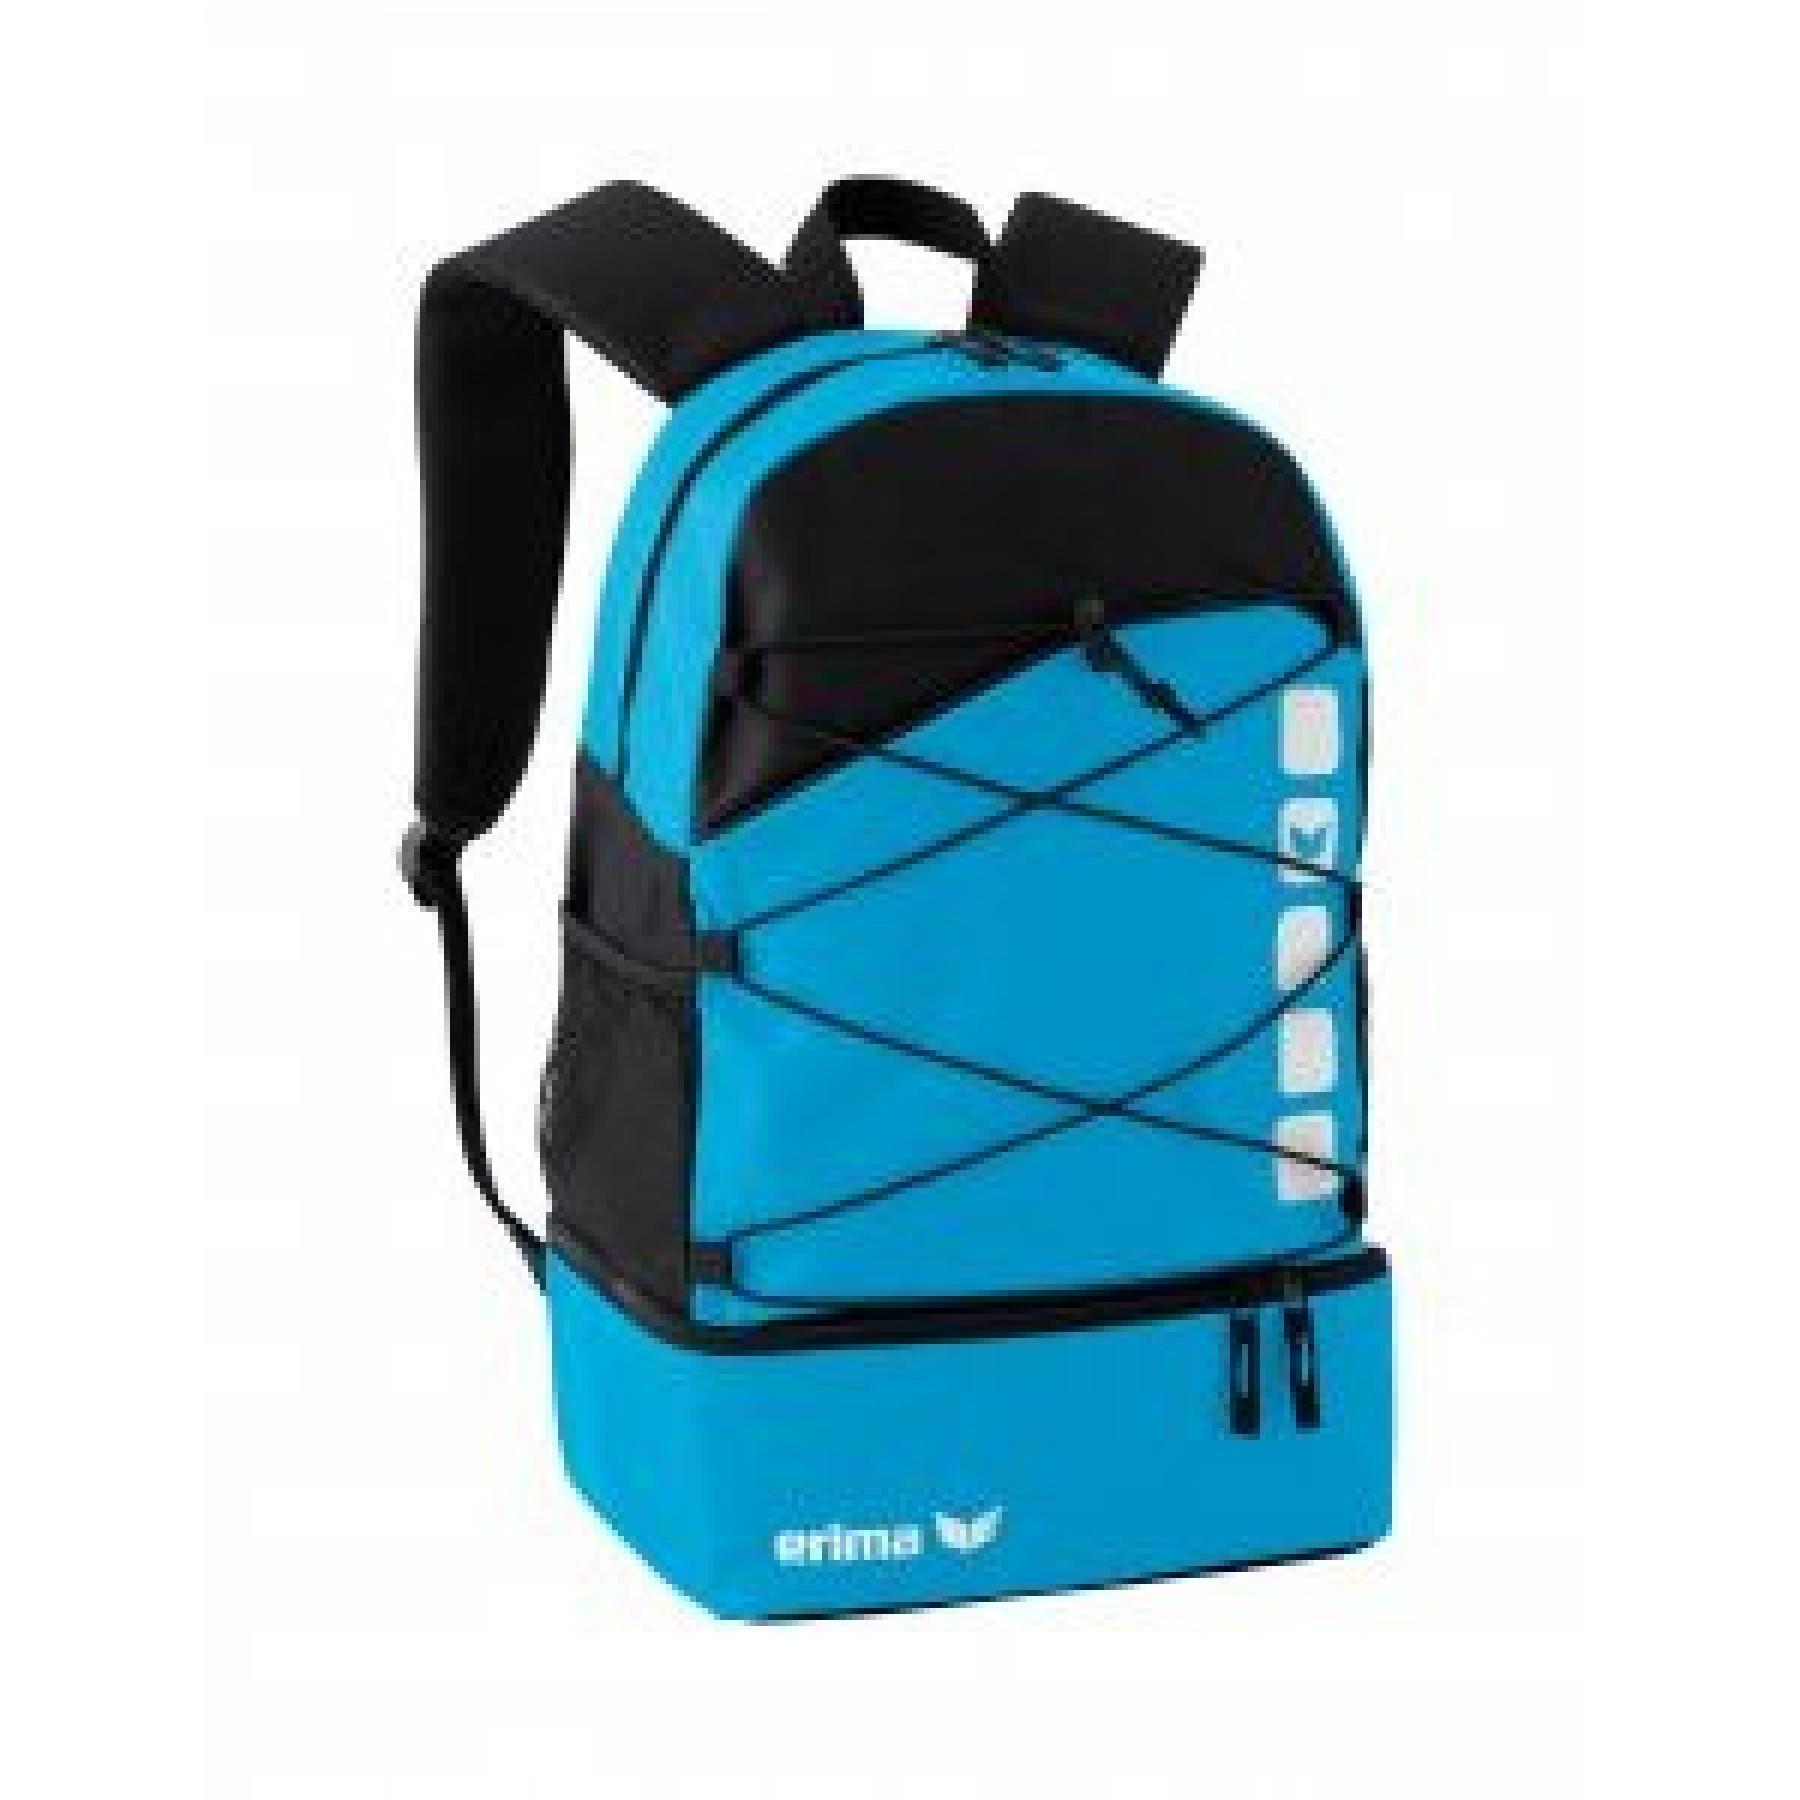 Backpack Erima multifonctions avec compartiment inférieur